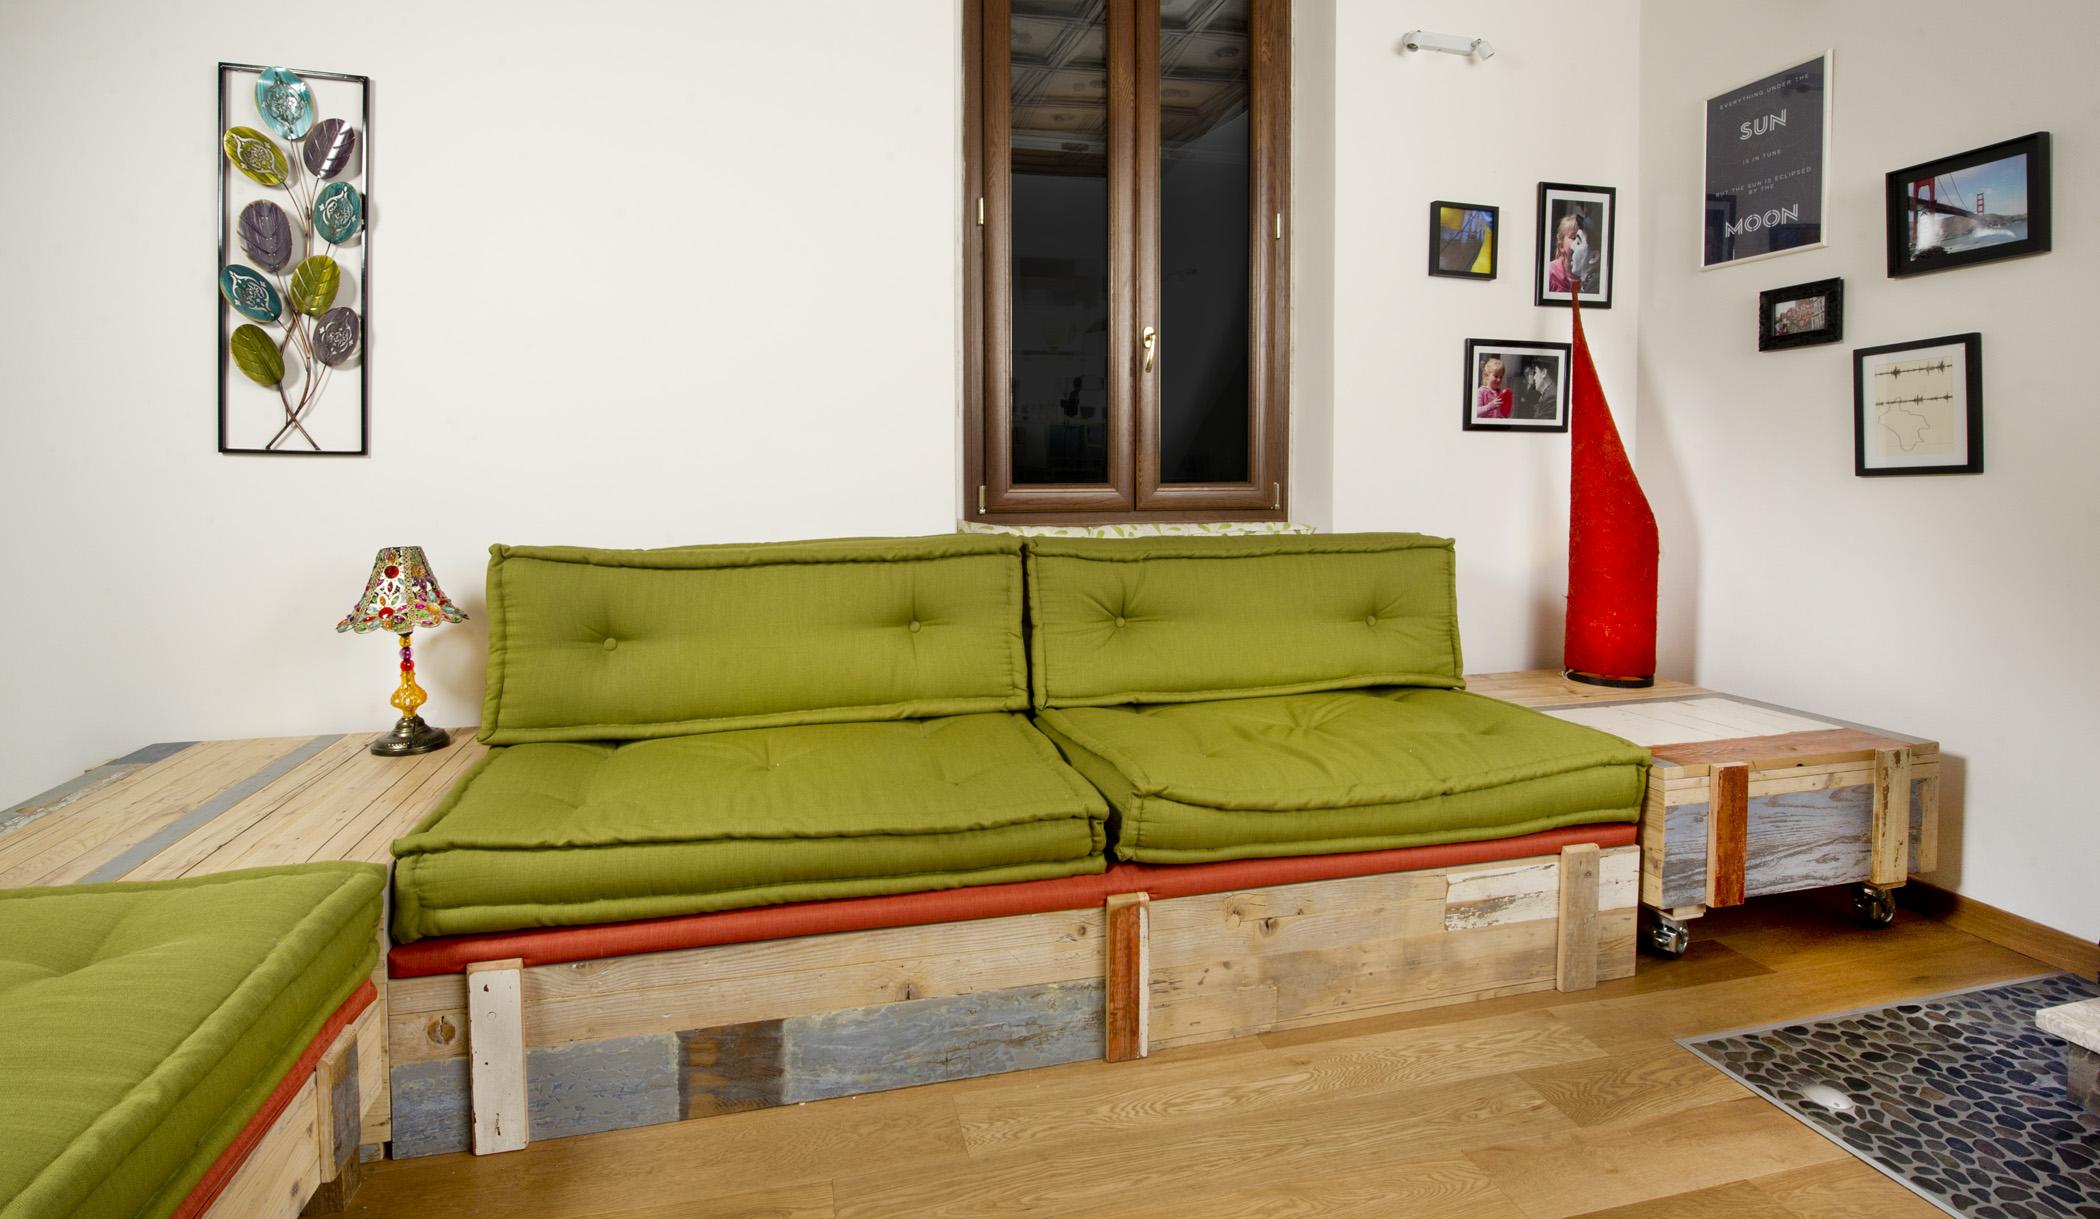 Soggiorno con divano in stoffa vintage artigianale